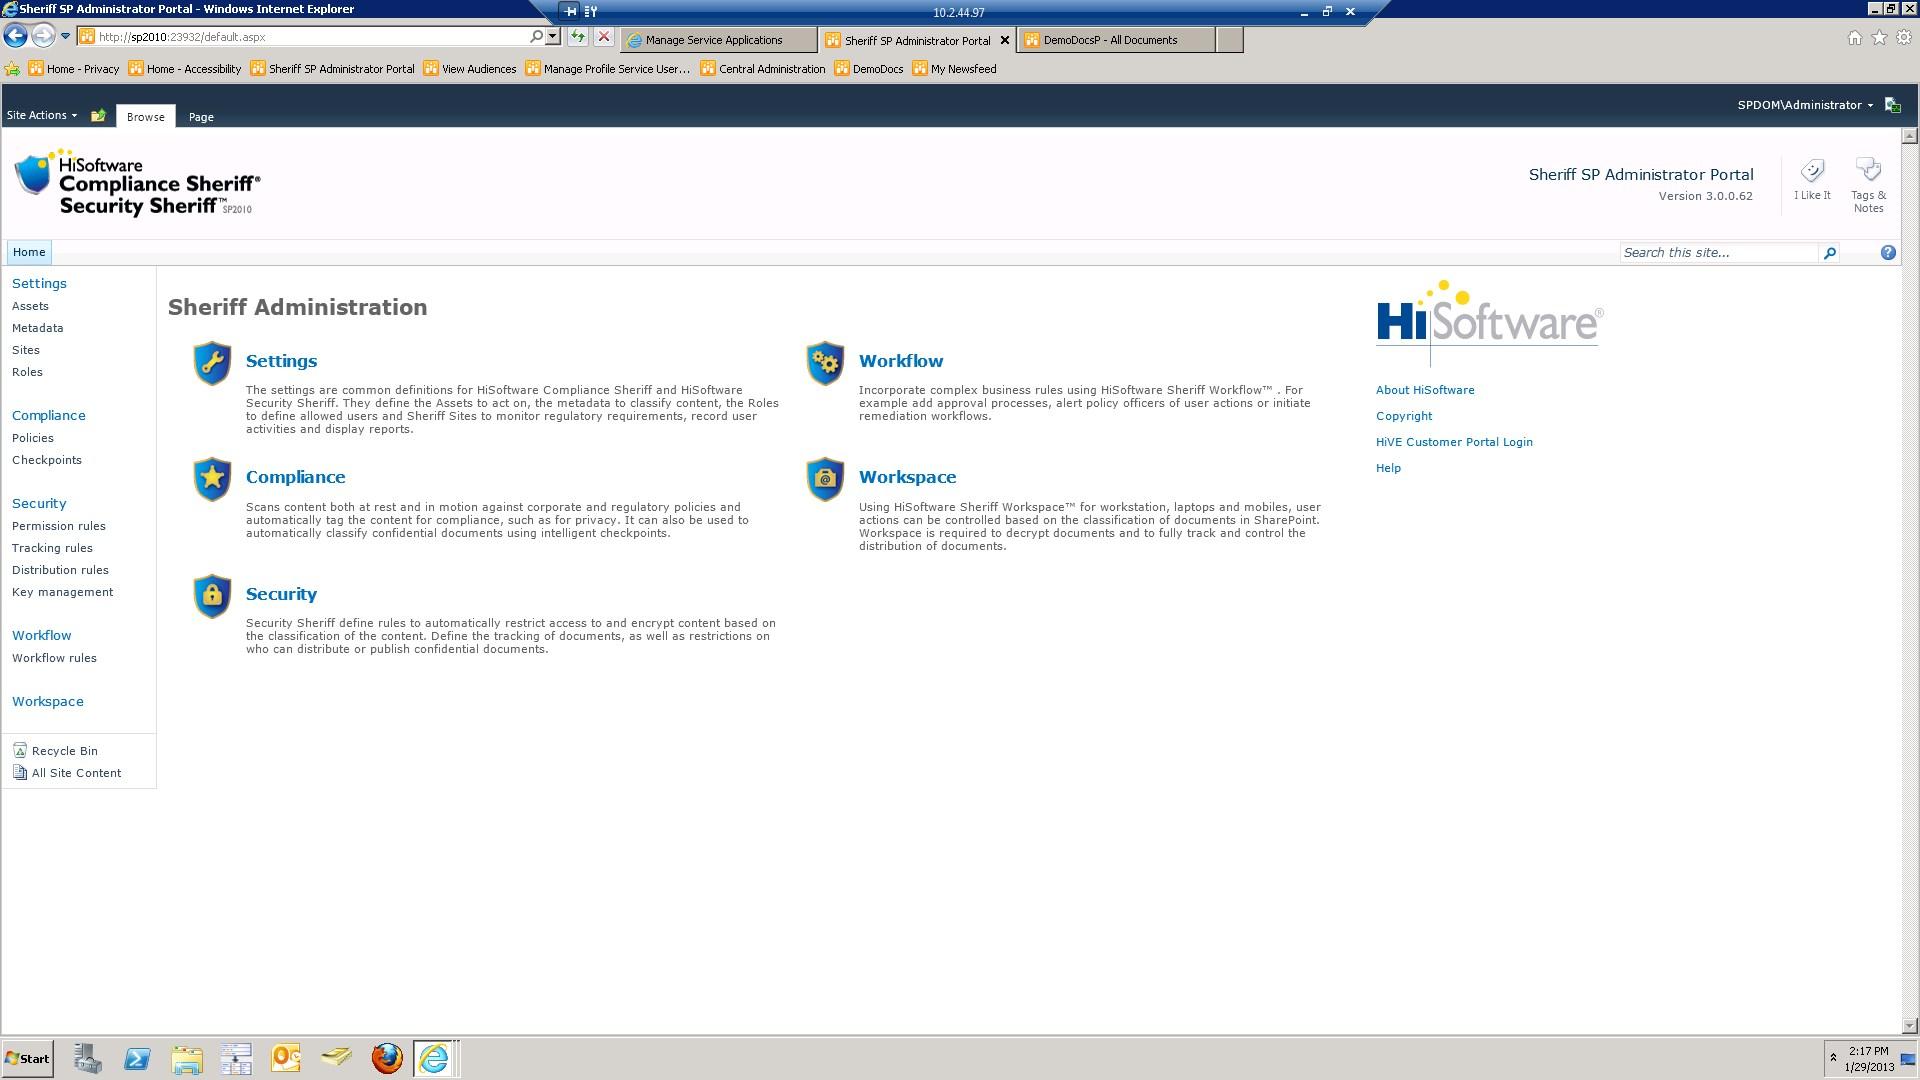 HiSoftware